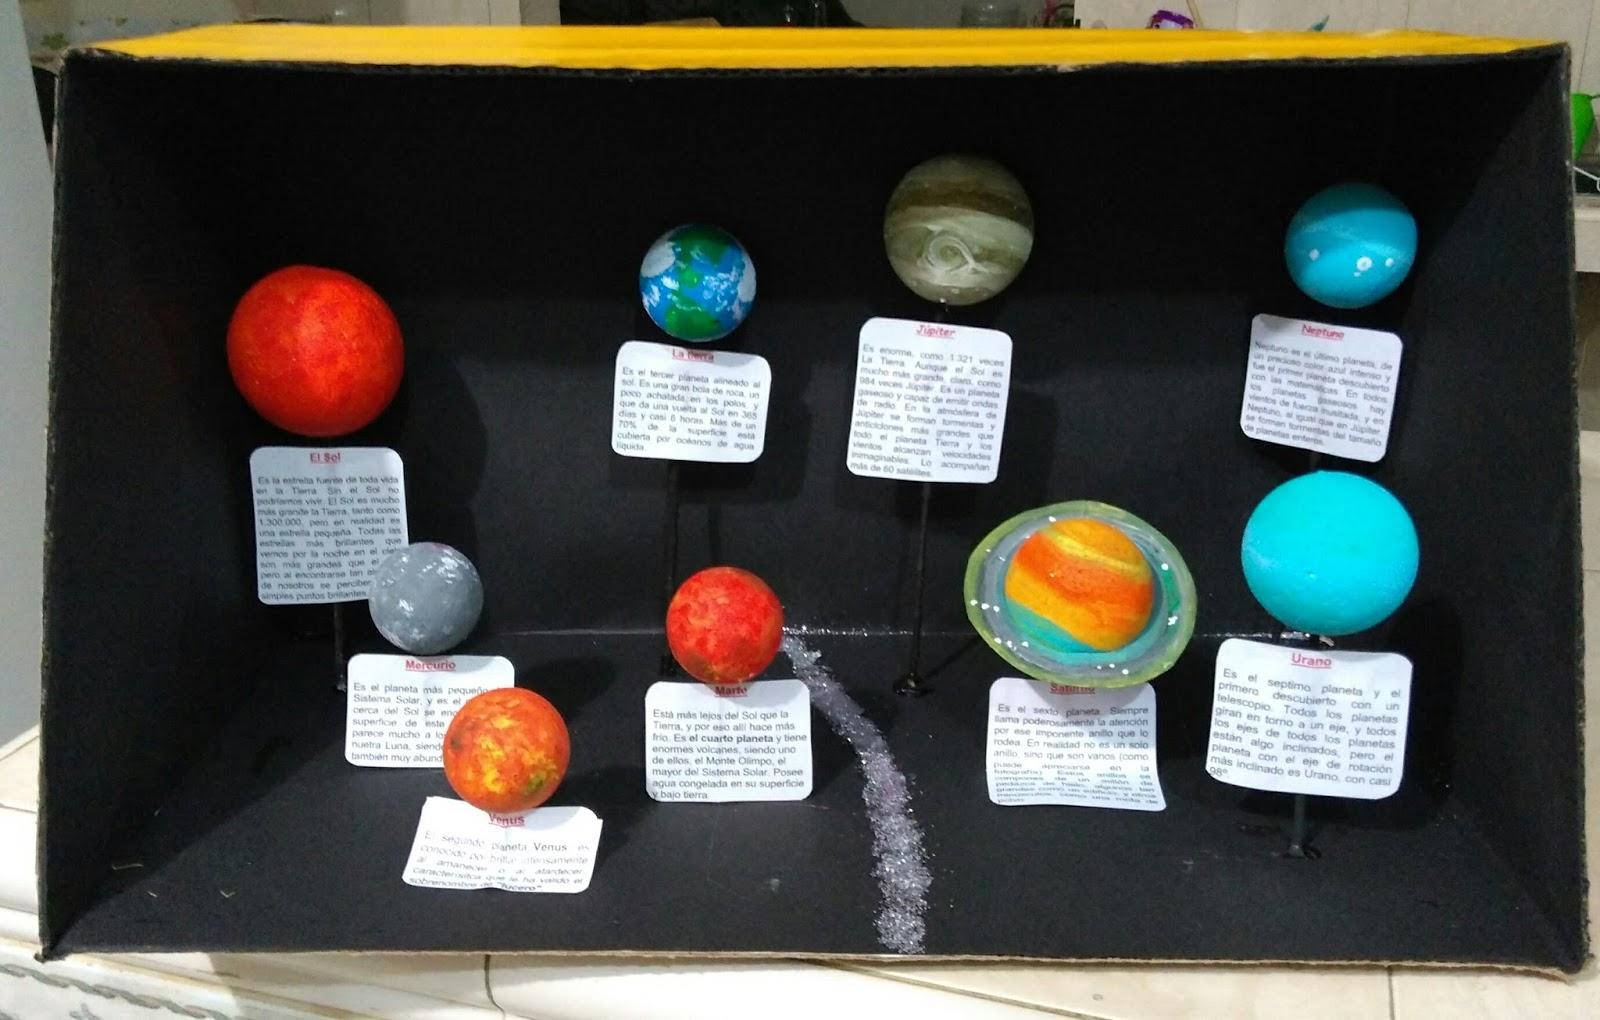 Imagenes De Los Planetas Del Sistema Solar, Para Niños